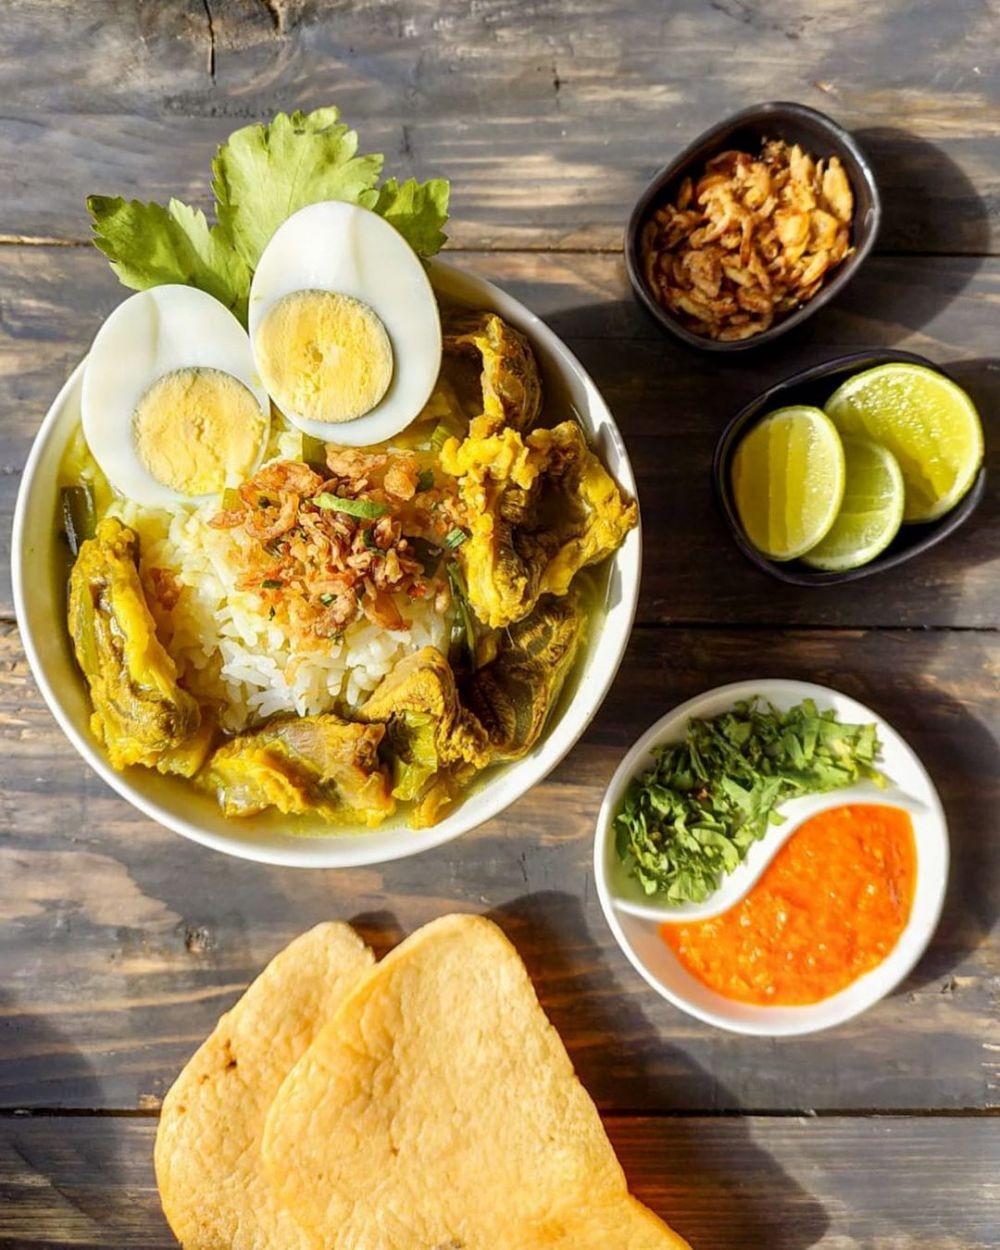 Resep Soto Daging Sapi Jawa Tengah : resep, daging, tengah, Resep, Daging, Gurih,, Aroma, Sedapnya, Bikin, Lapar